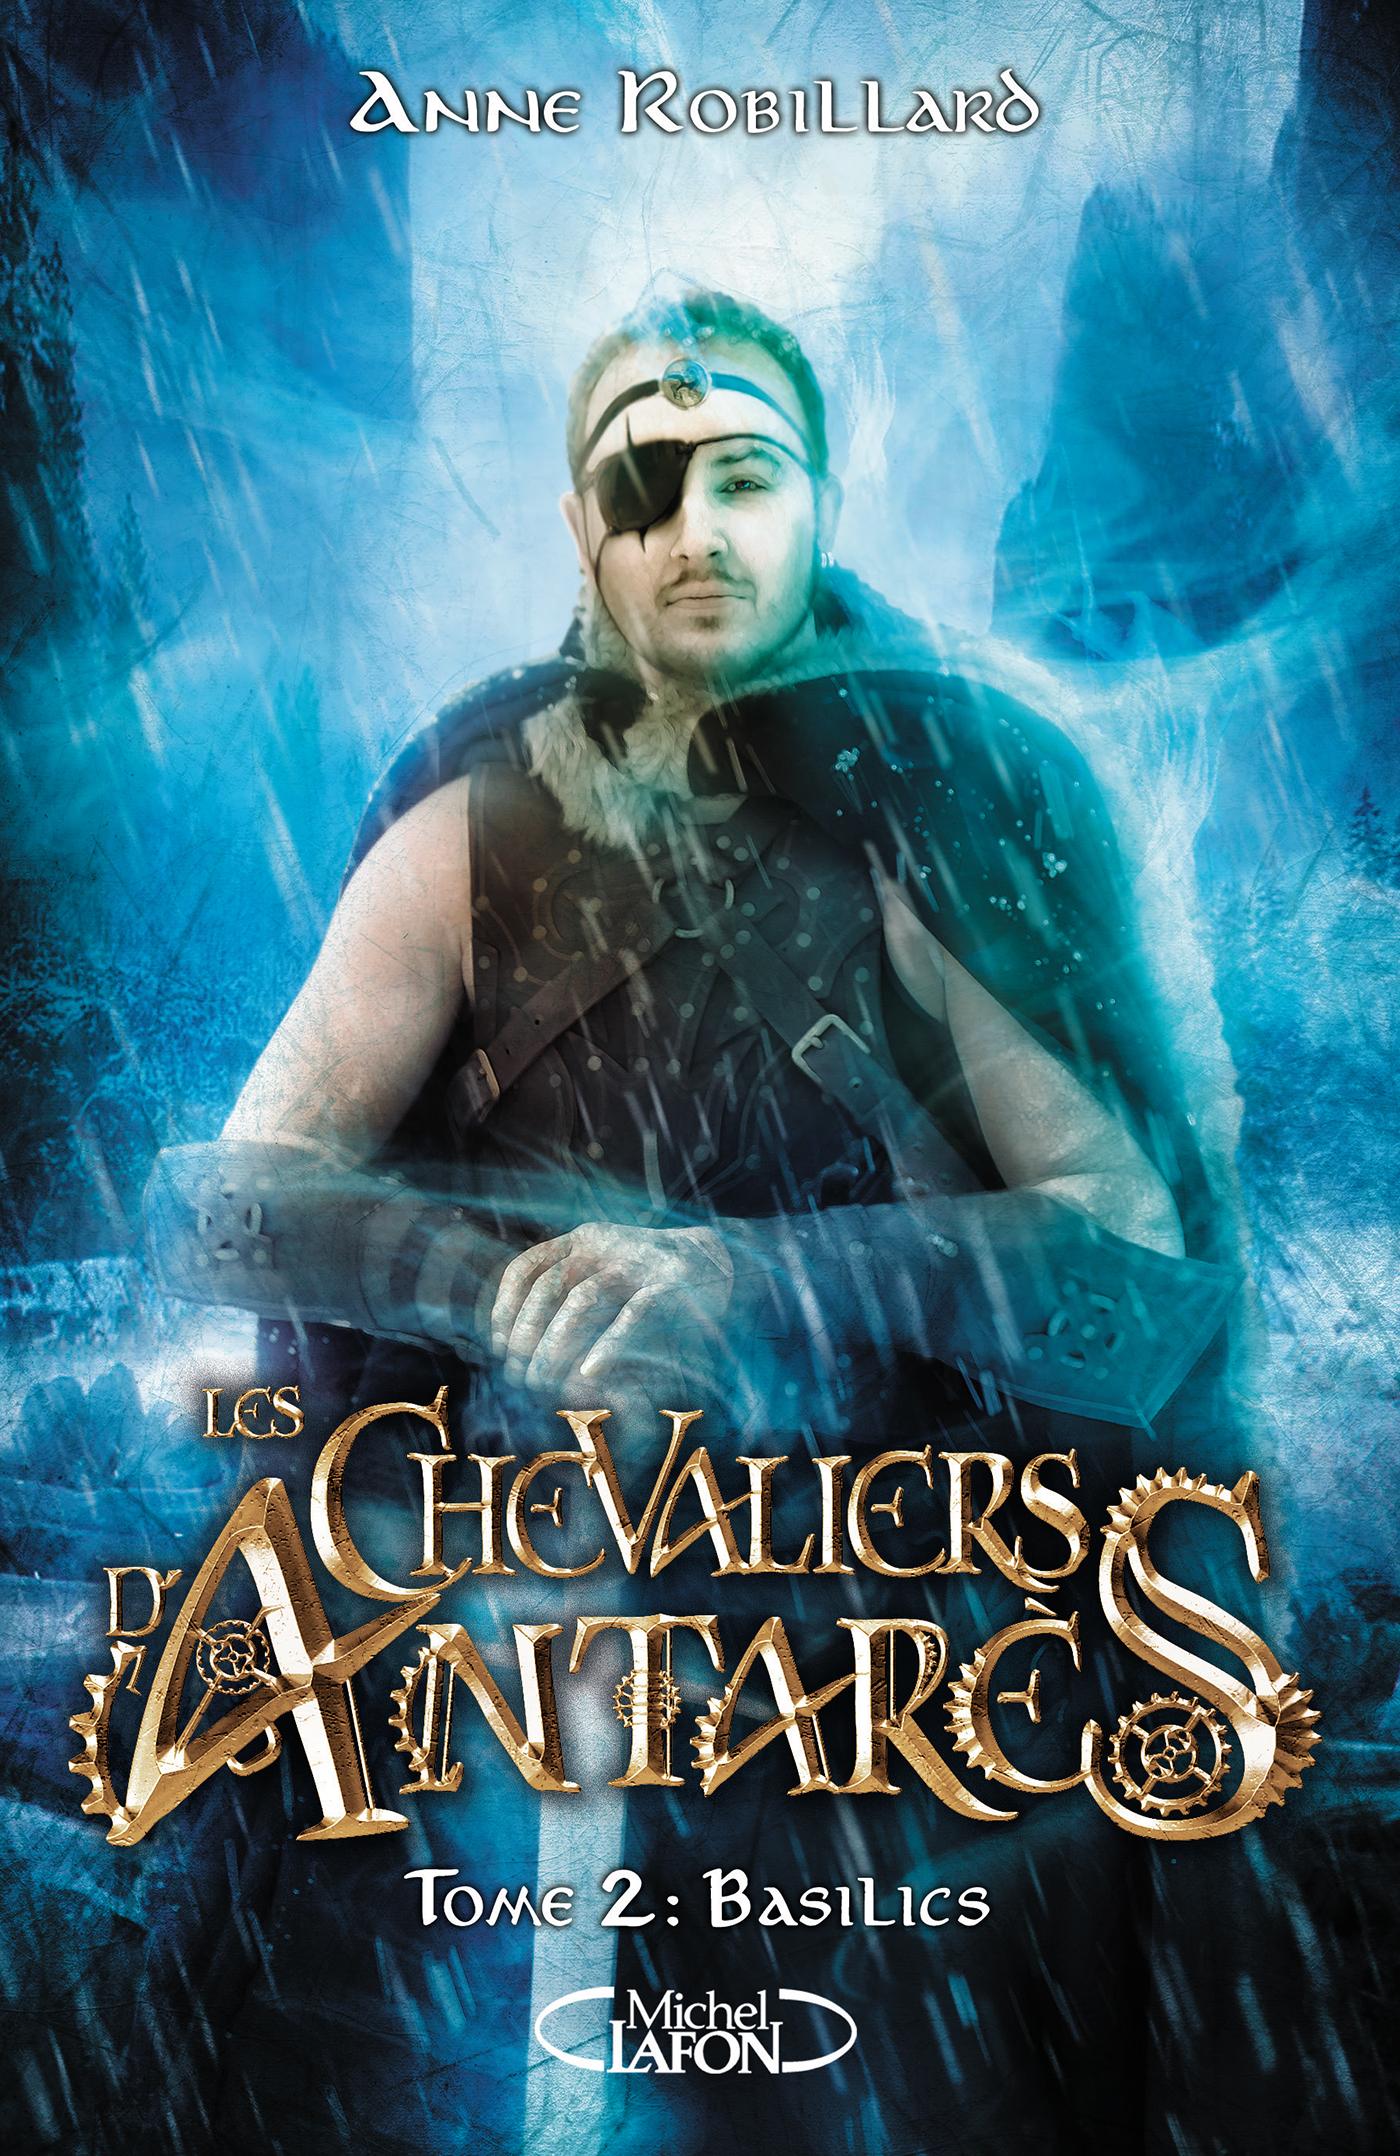 Les chevaliers d'Antarès – Tome 2